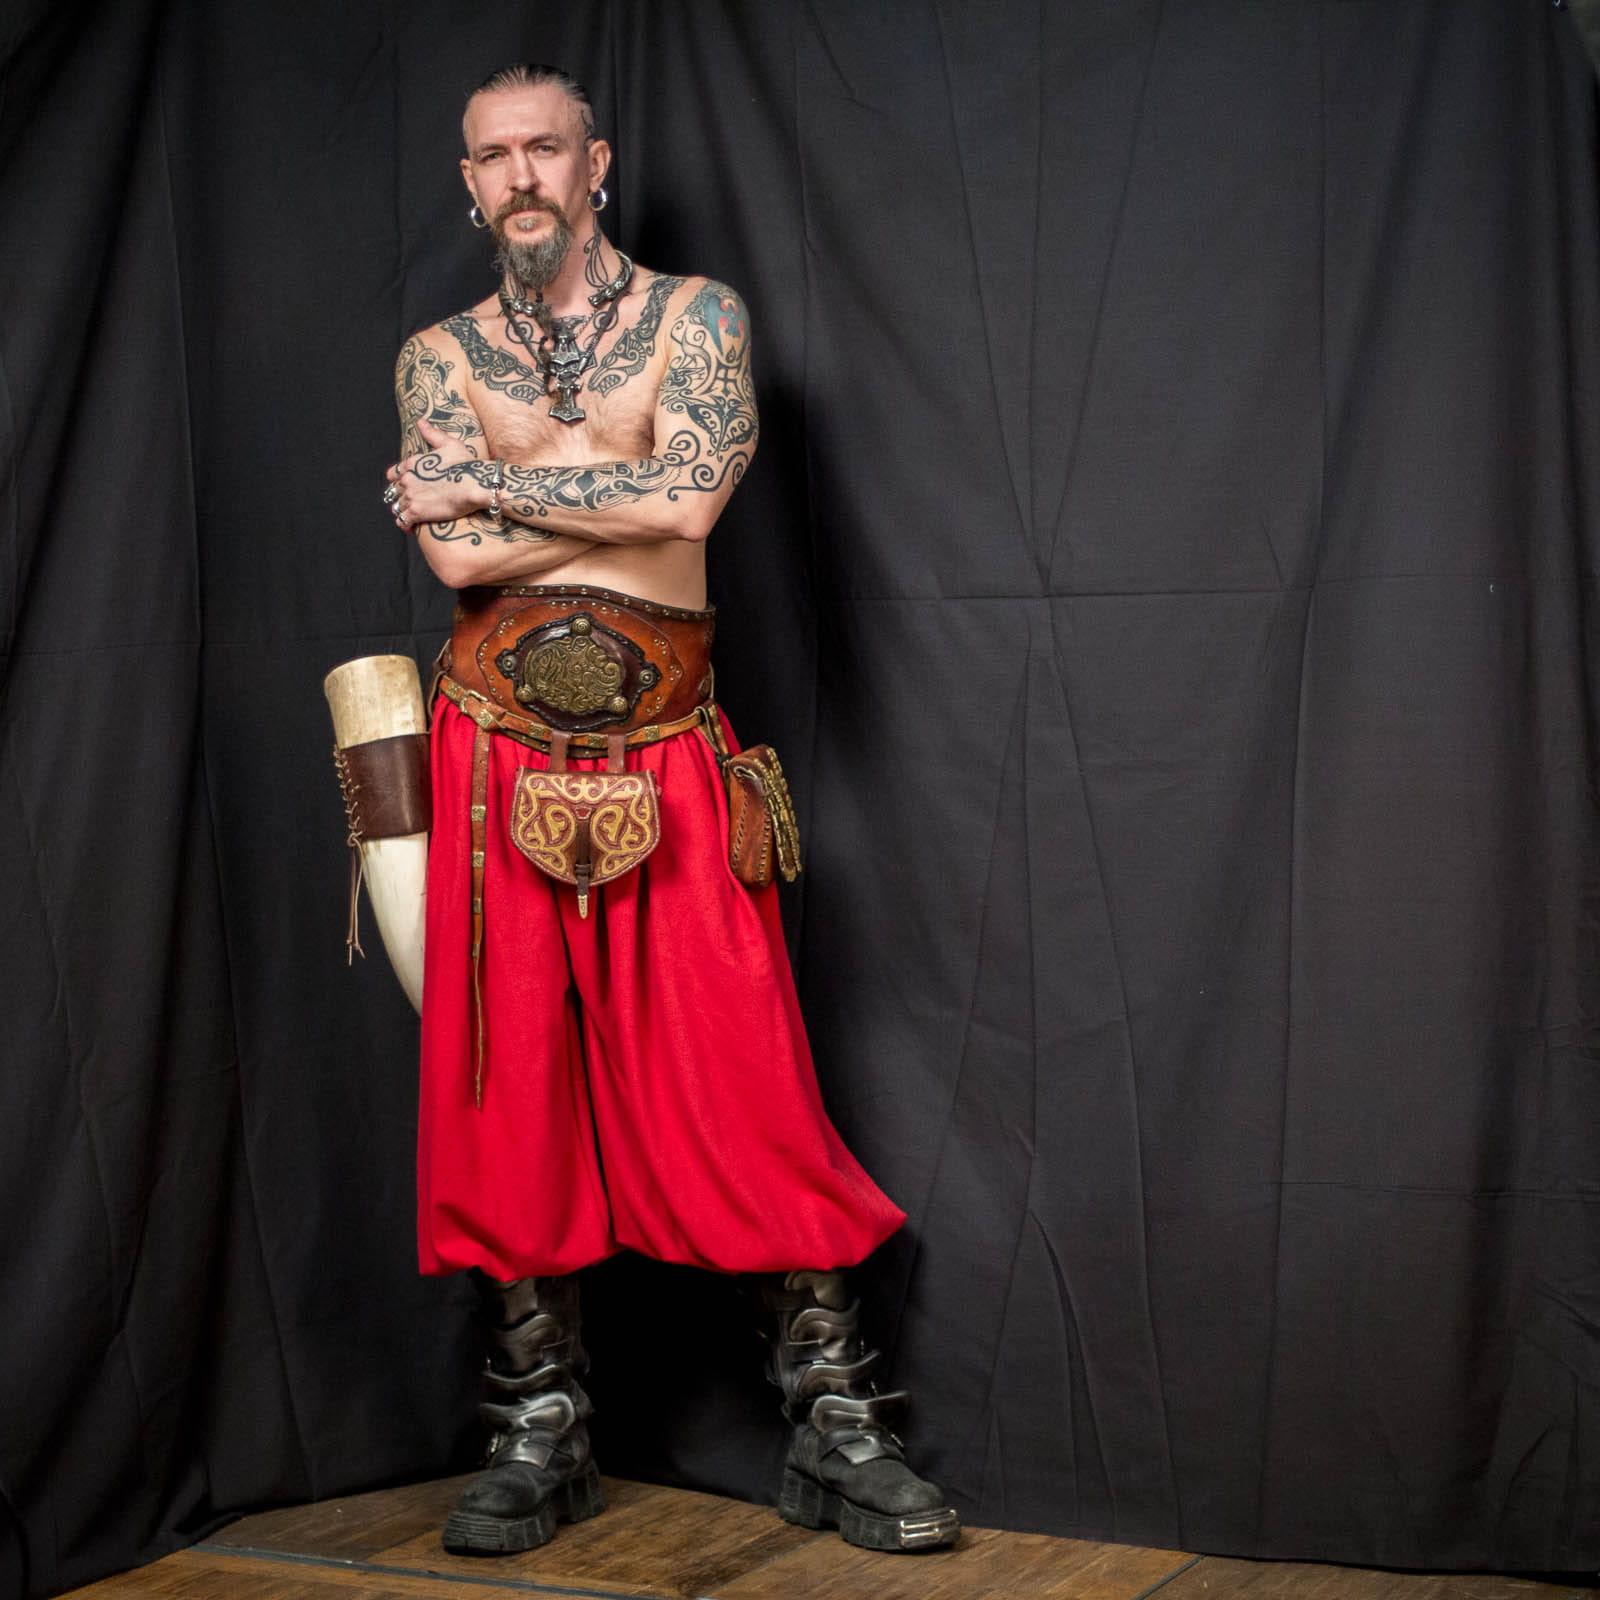 tatouages viking mondial du tatouage date tarif. Black Bedroom Furniture Sets. Home Design Ideas